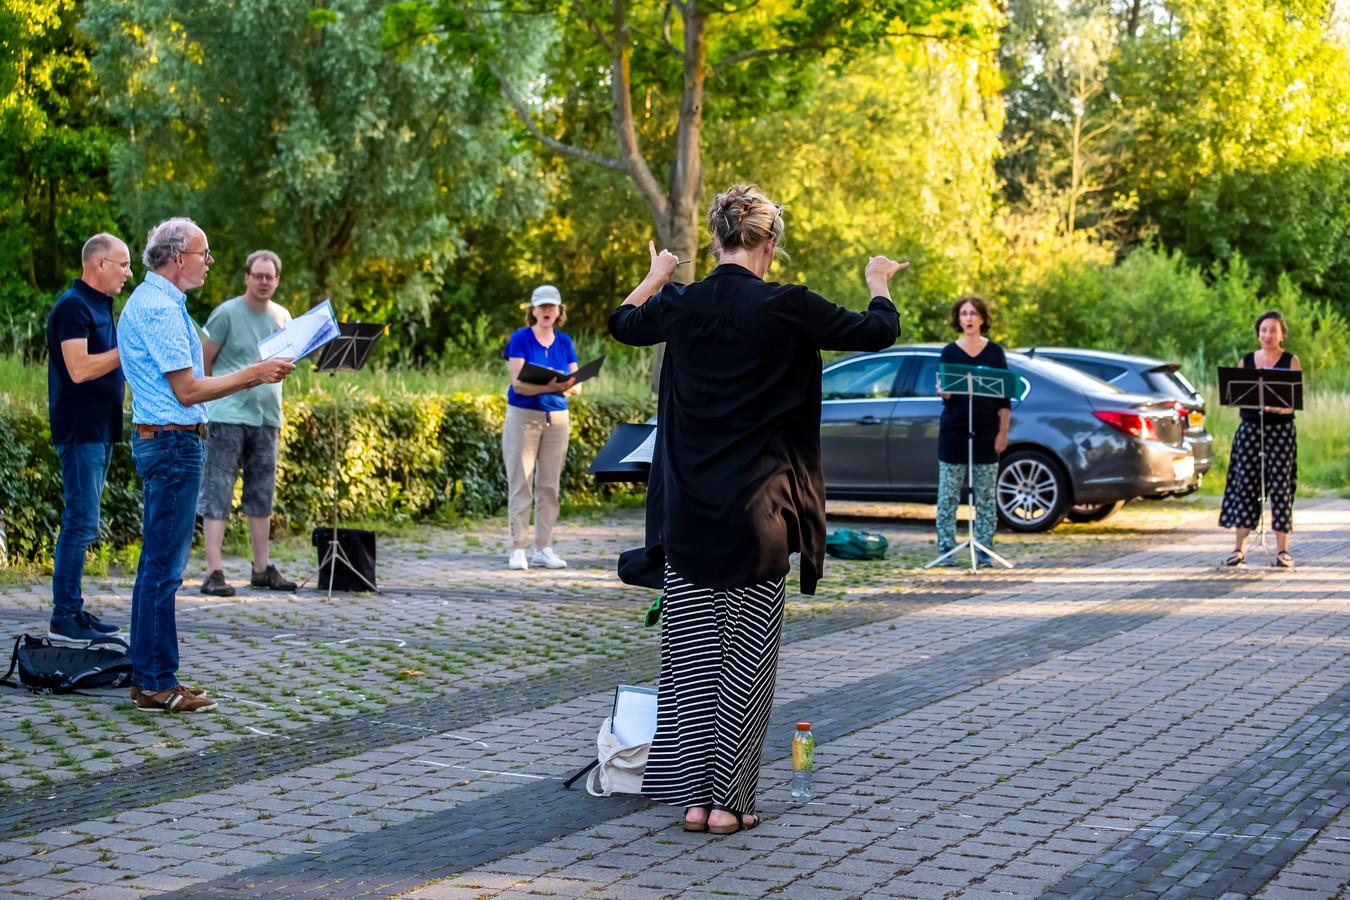 Kamerkoor Sjanton uit Utrecht repeteert op de parkeerplaats van zwembad Krommerijn in Utrecht.